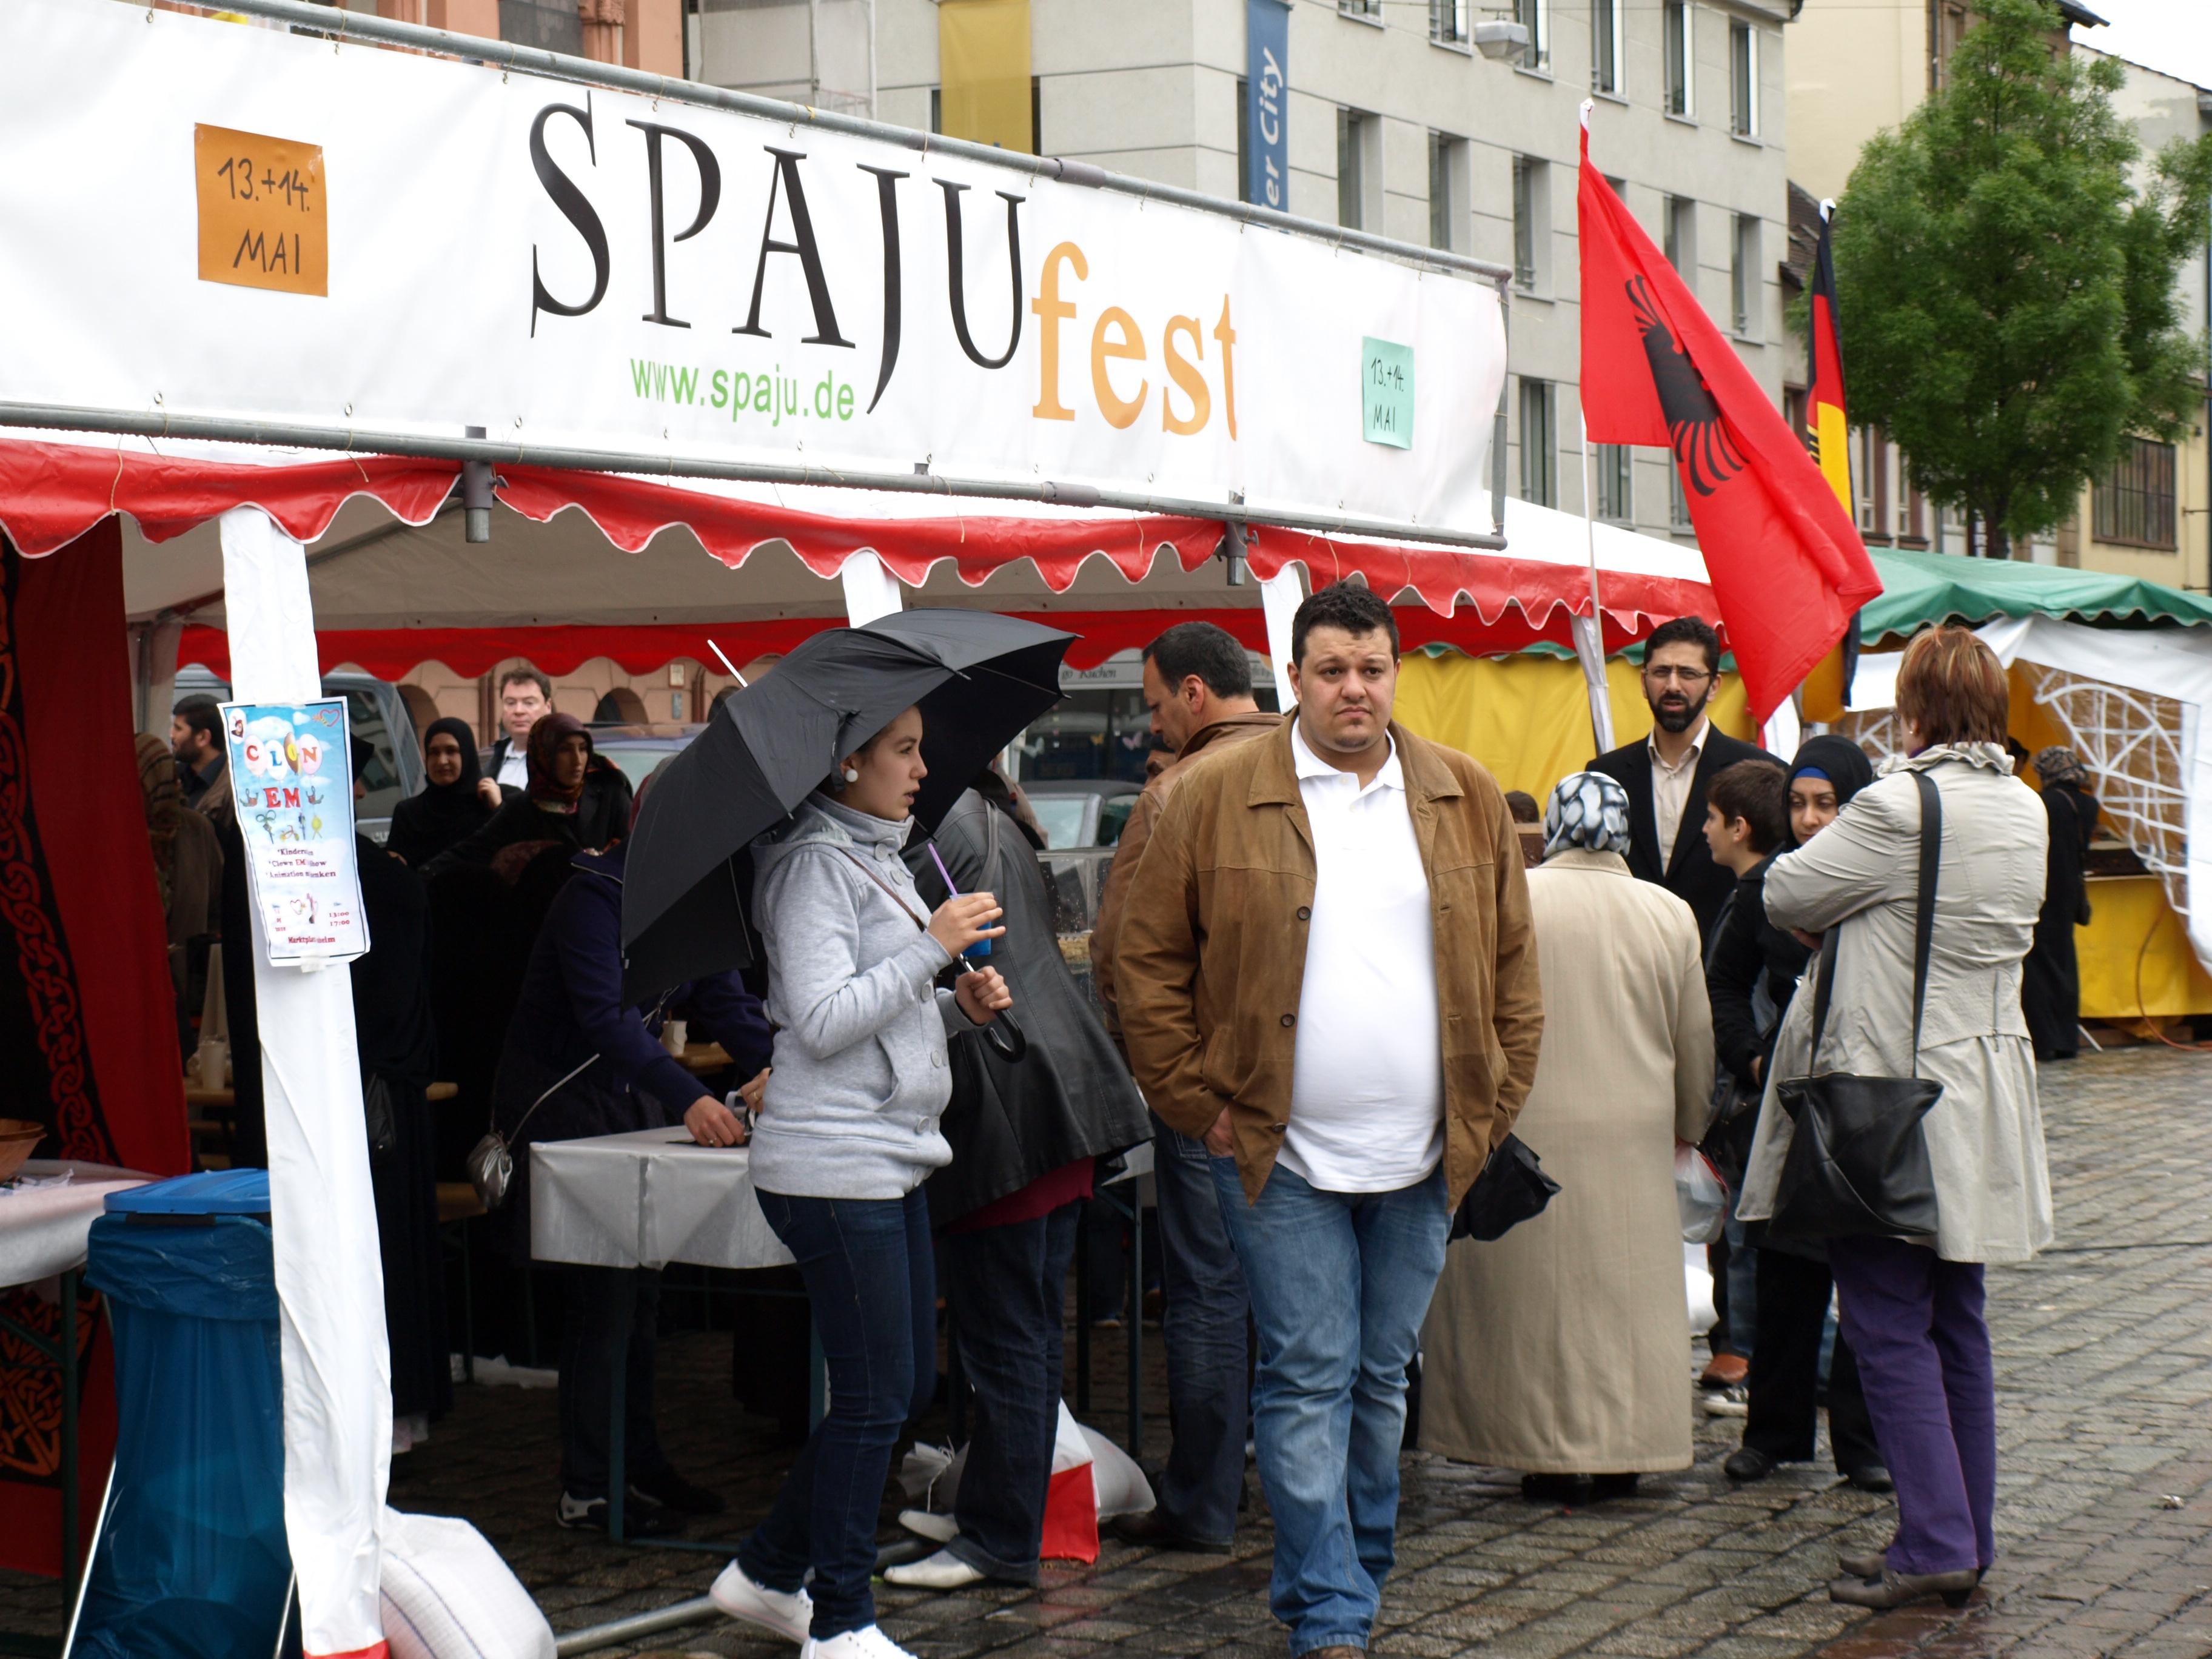 Spaju Fest 2010. 14